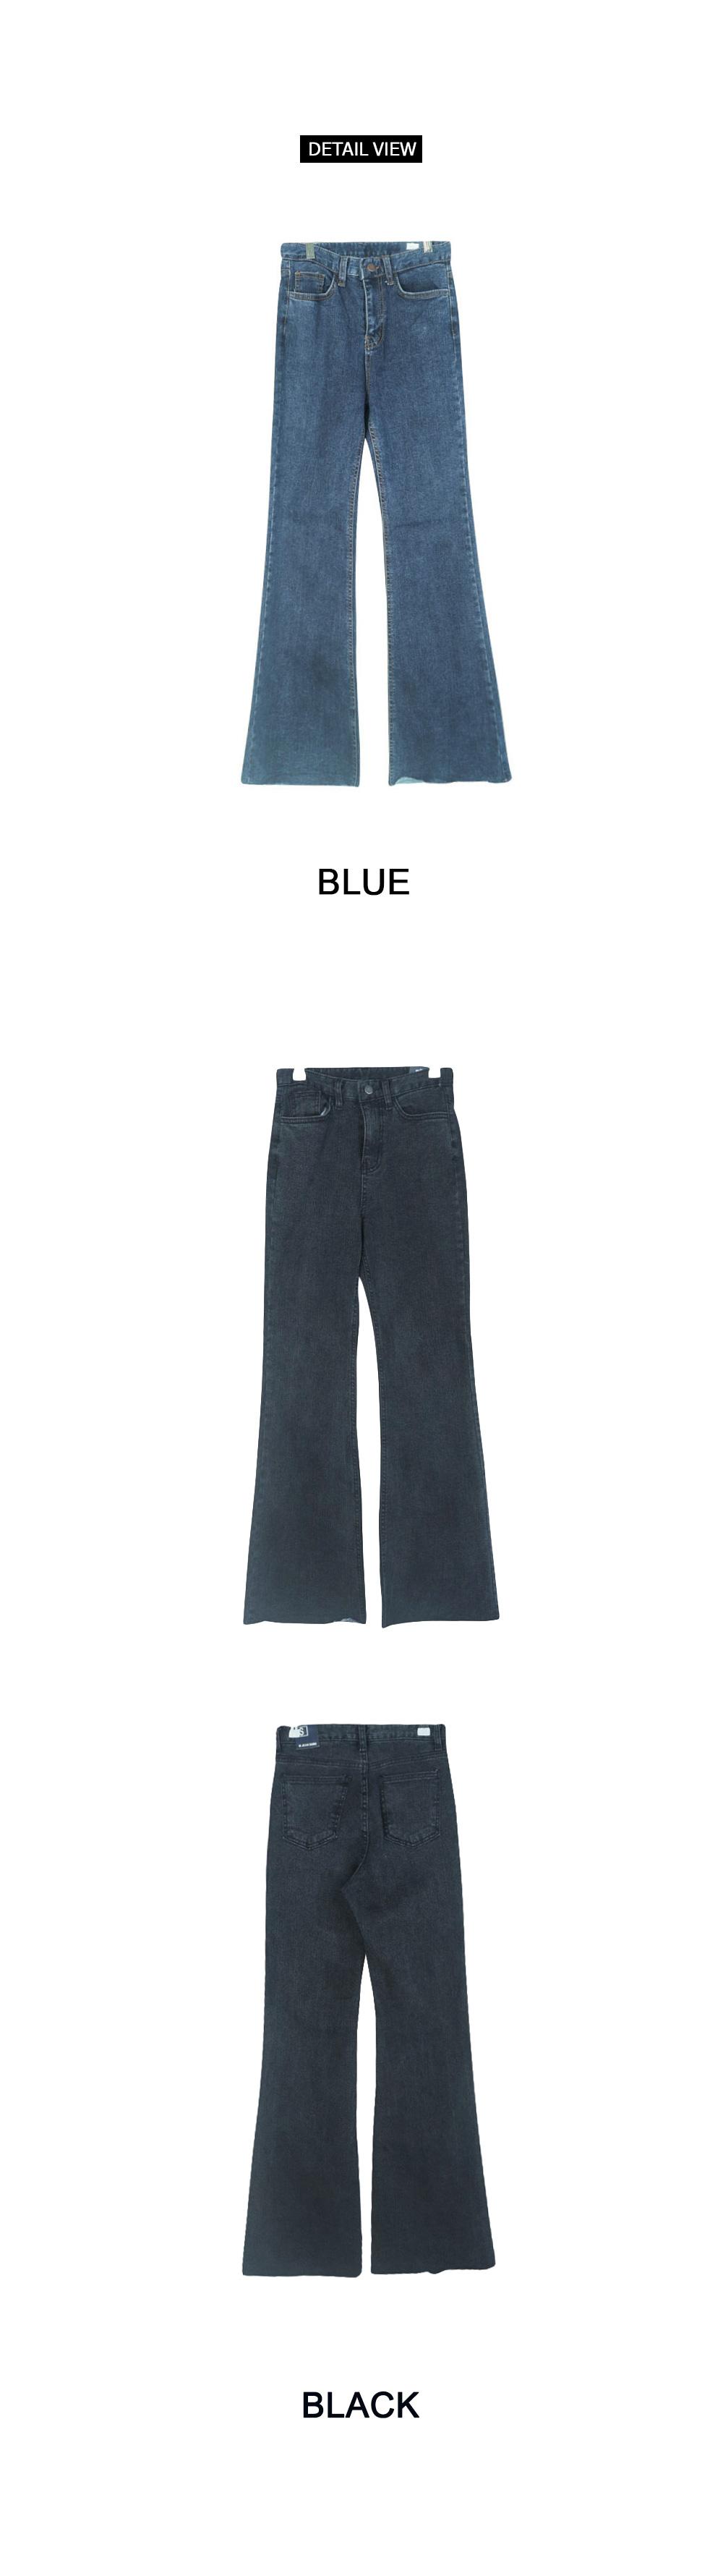 Slim long boot cut denim line